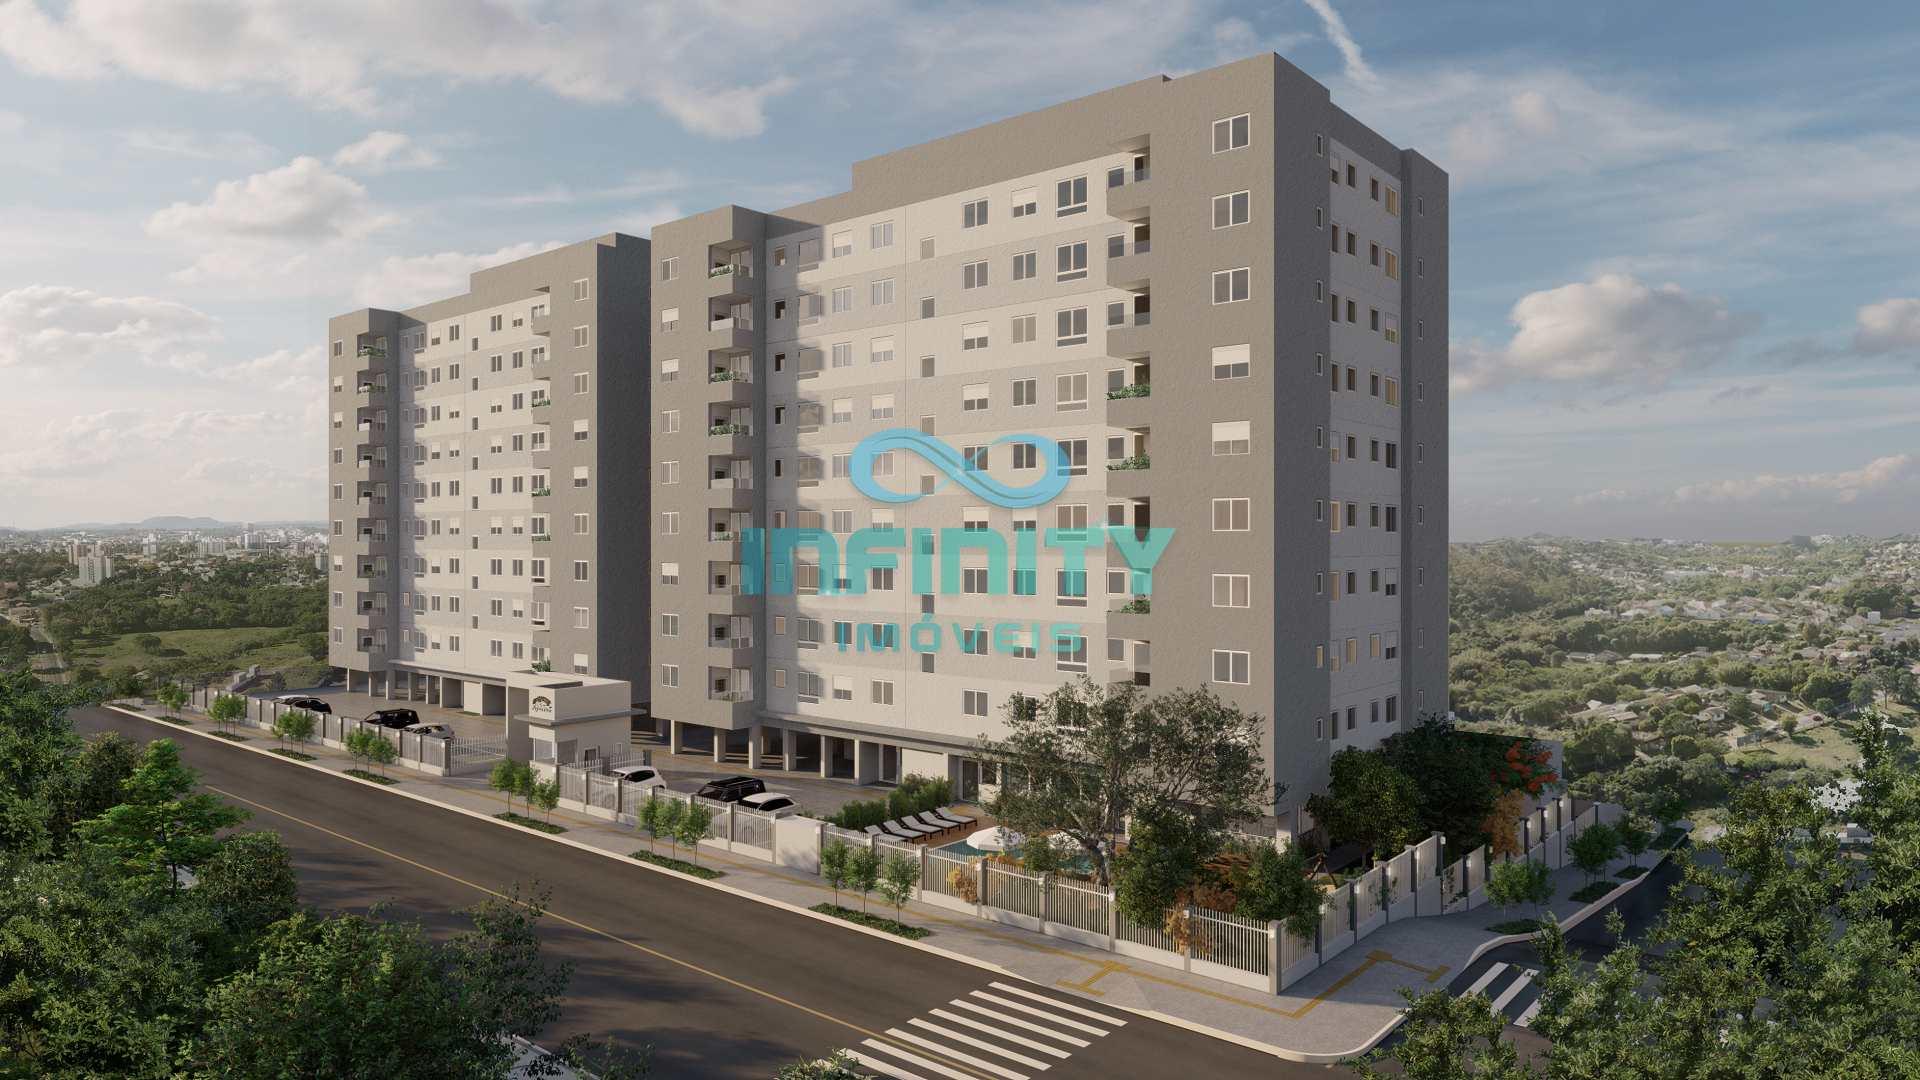 000 Solar da Figueira, Apartamentos à Venda em Gravataí